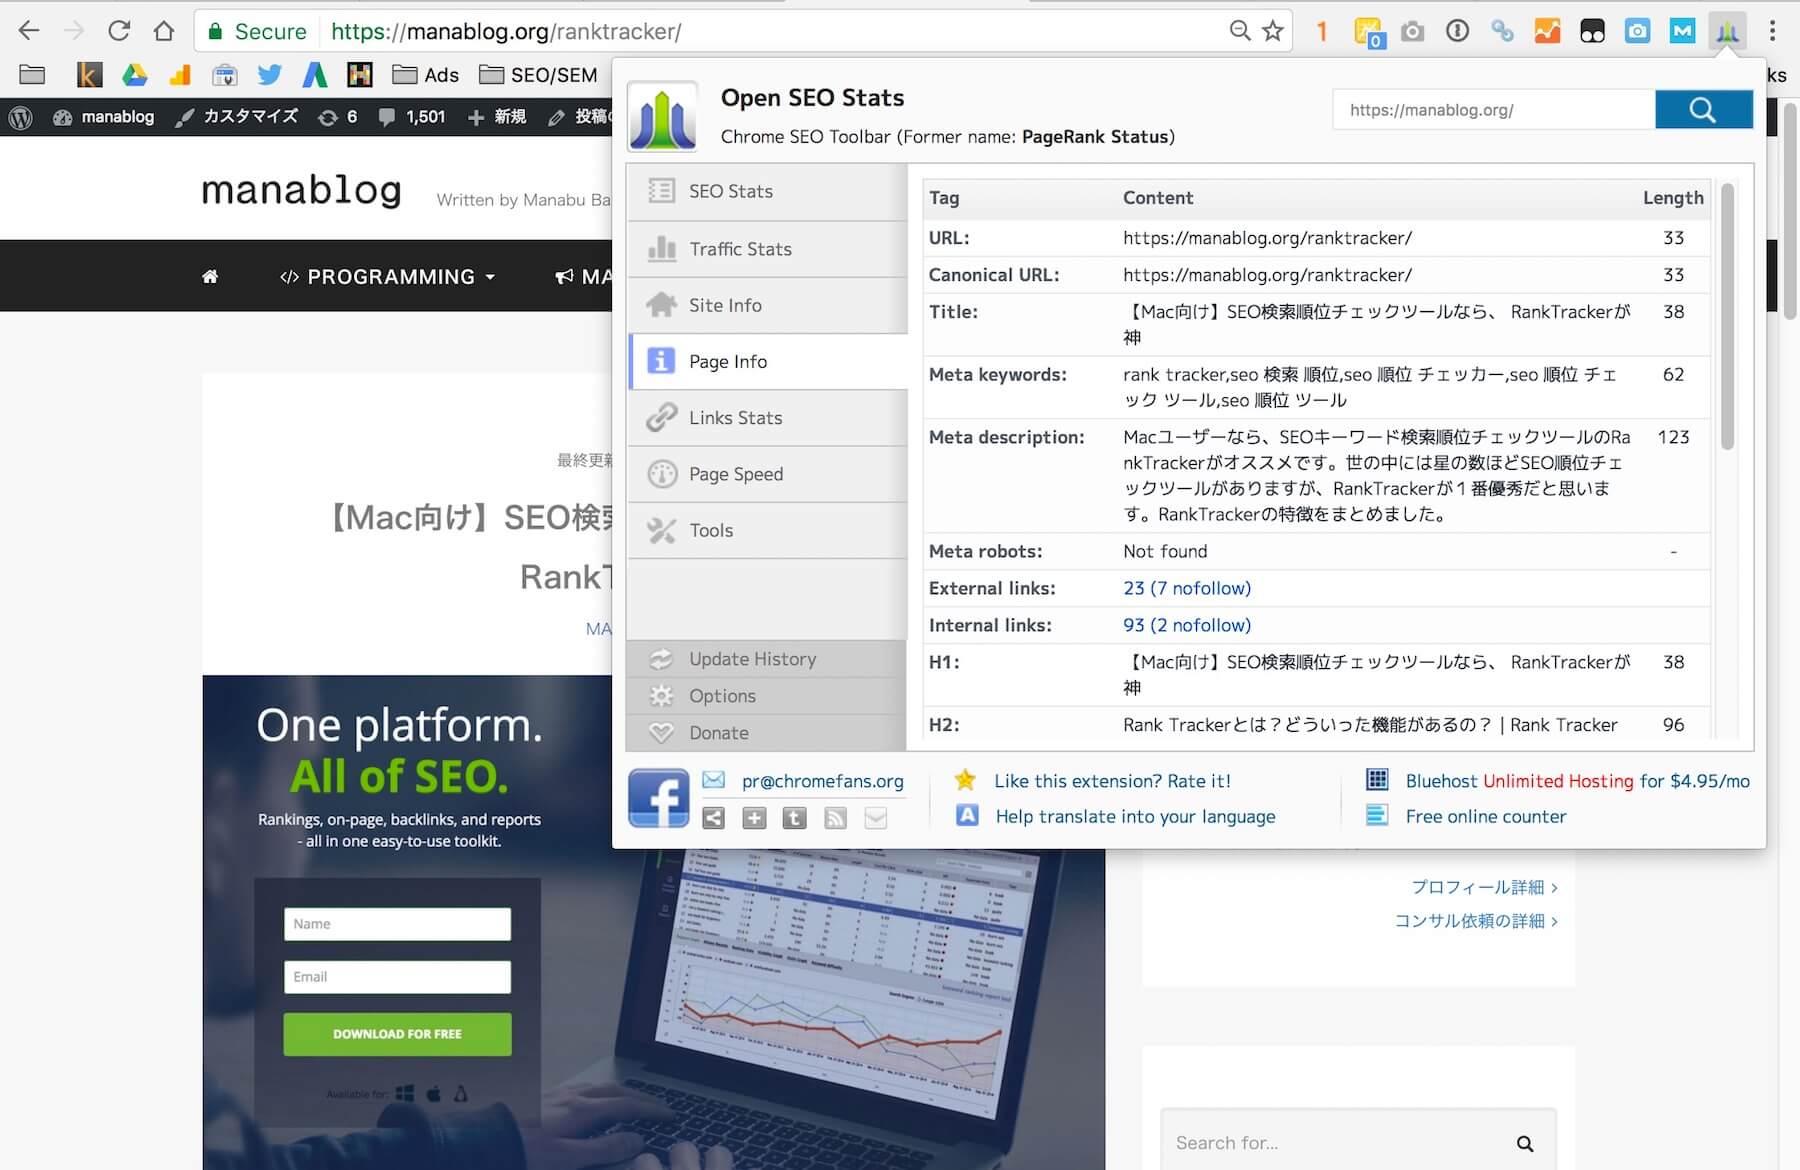 Dùng Open SEO Stats để check Canonical (Nguồn: manablog.org)